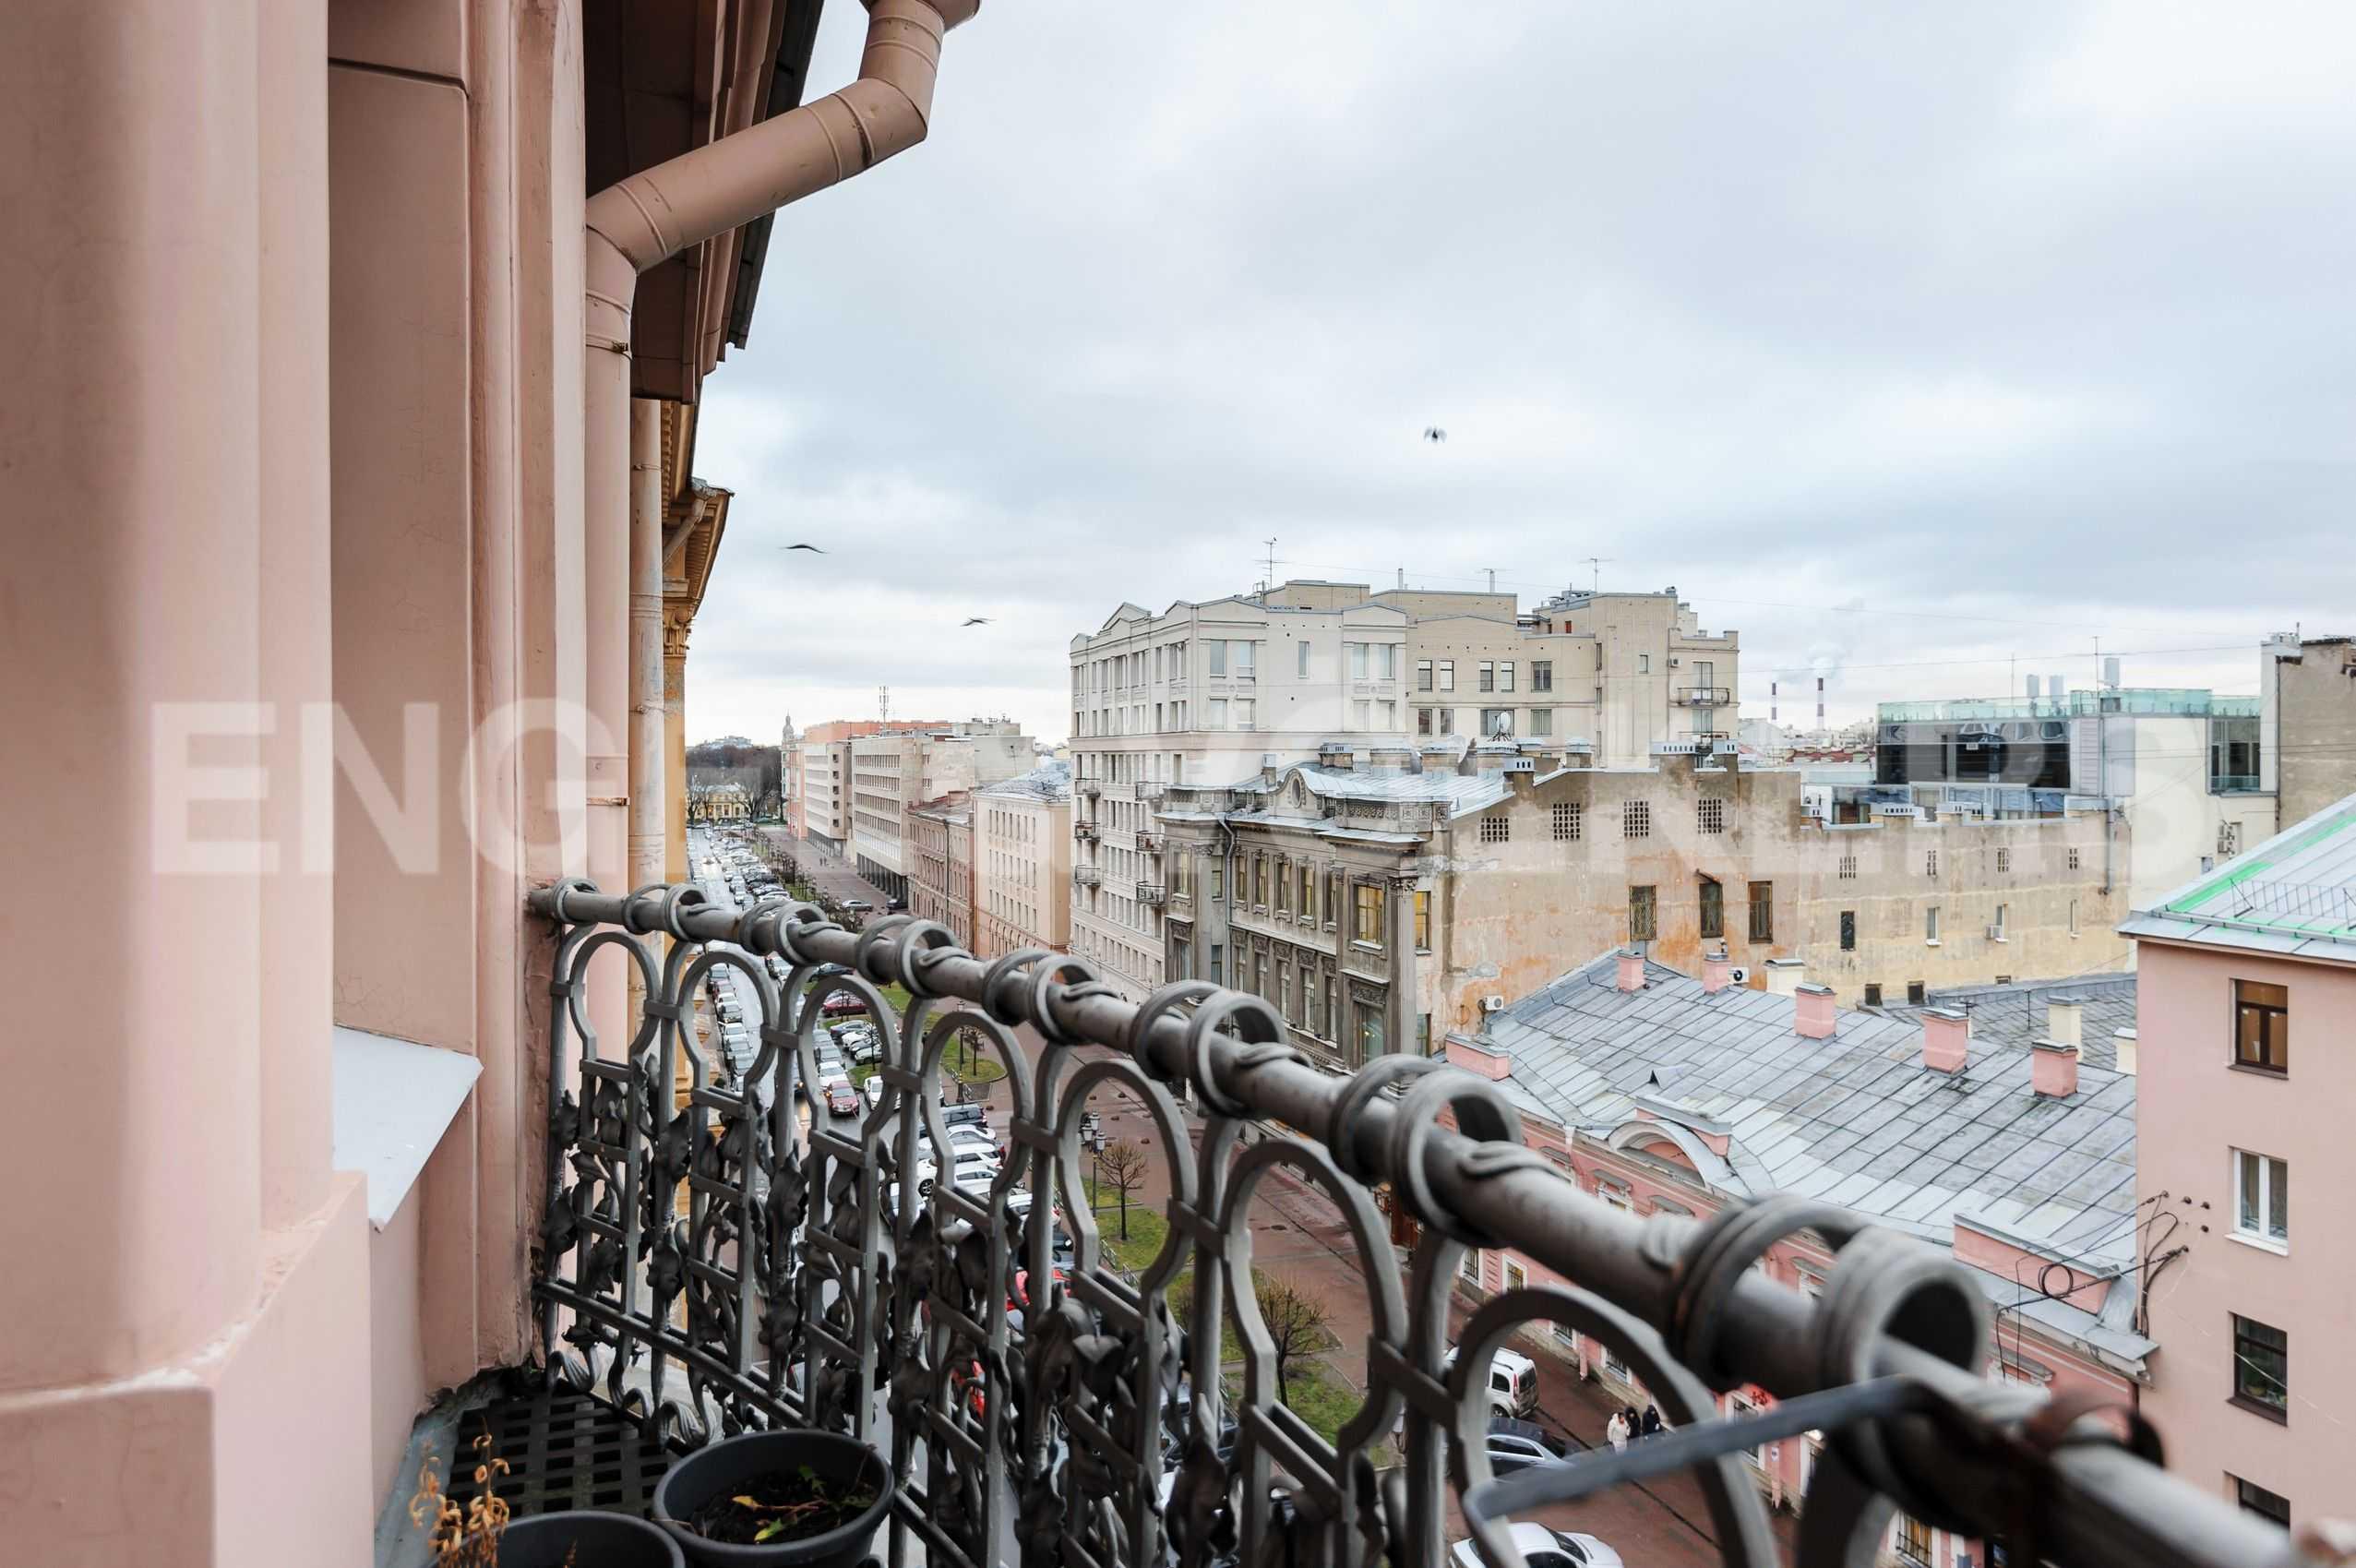 Элитные квартиры в Центральном районе. Санкт-Петербург, Захарьевская, 16. Вид с балкона в сторону Таврического-сада